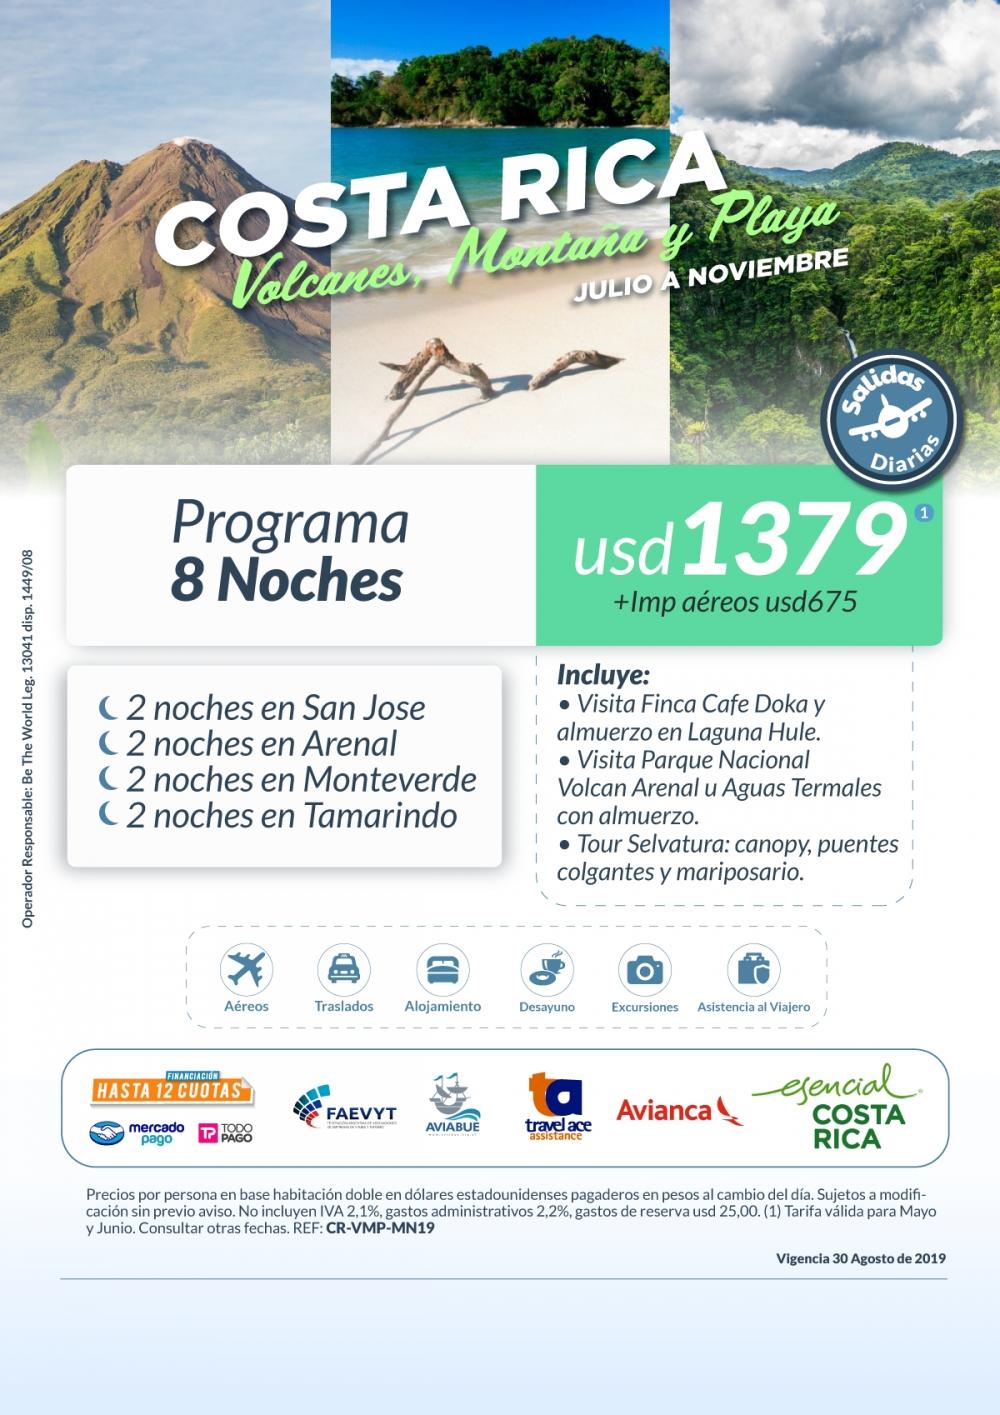 COSTA RICA - Salidas Mayo a Noviembre